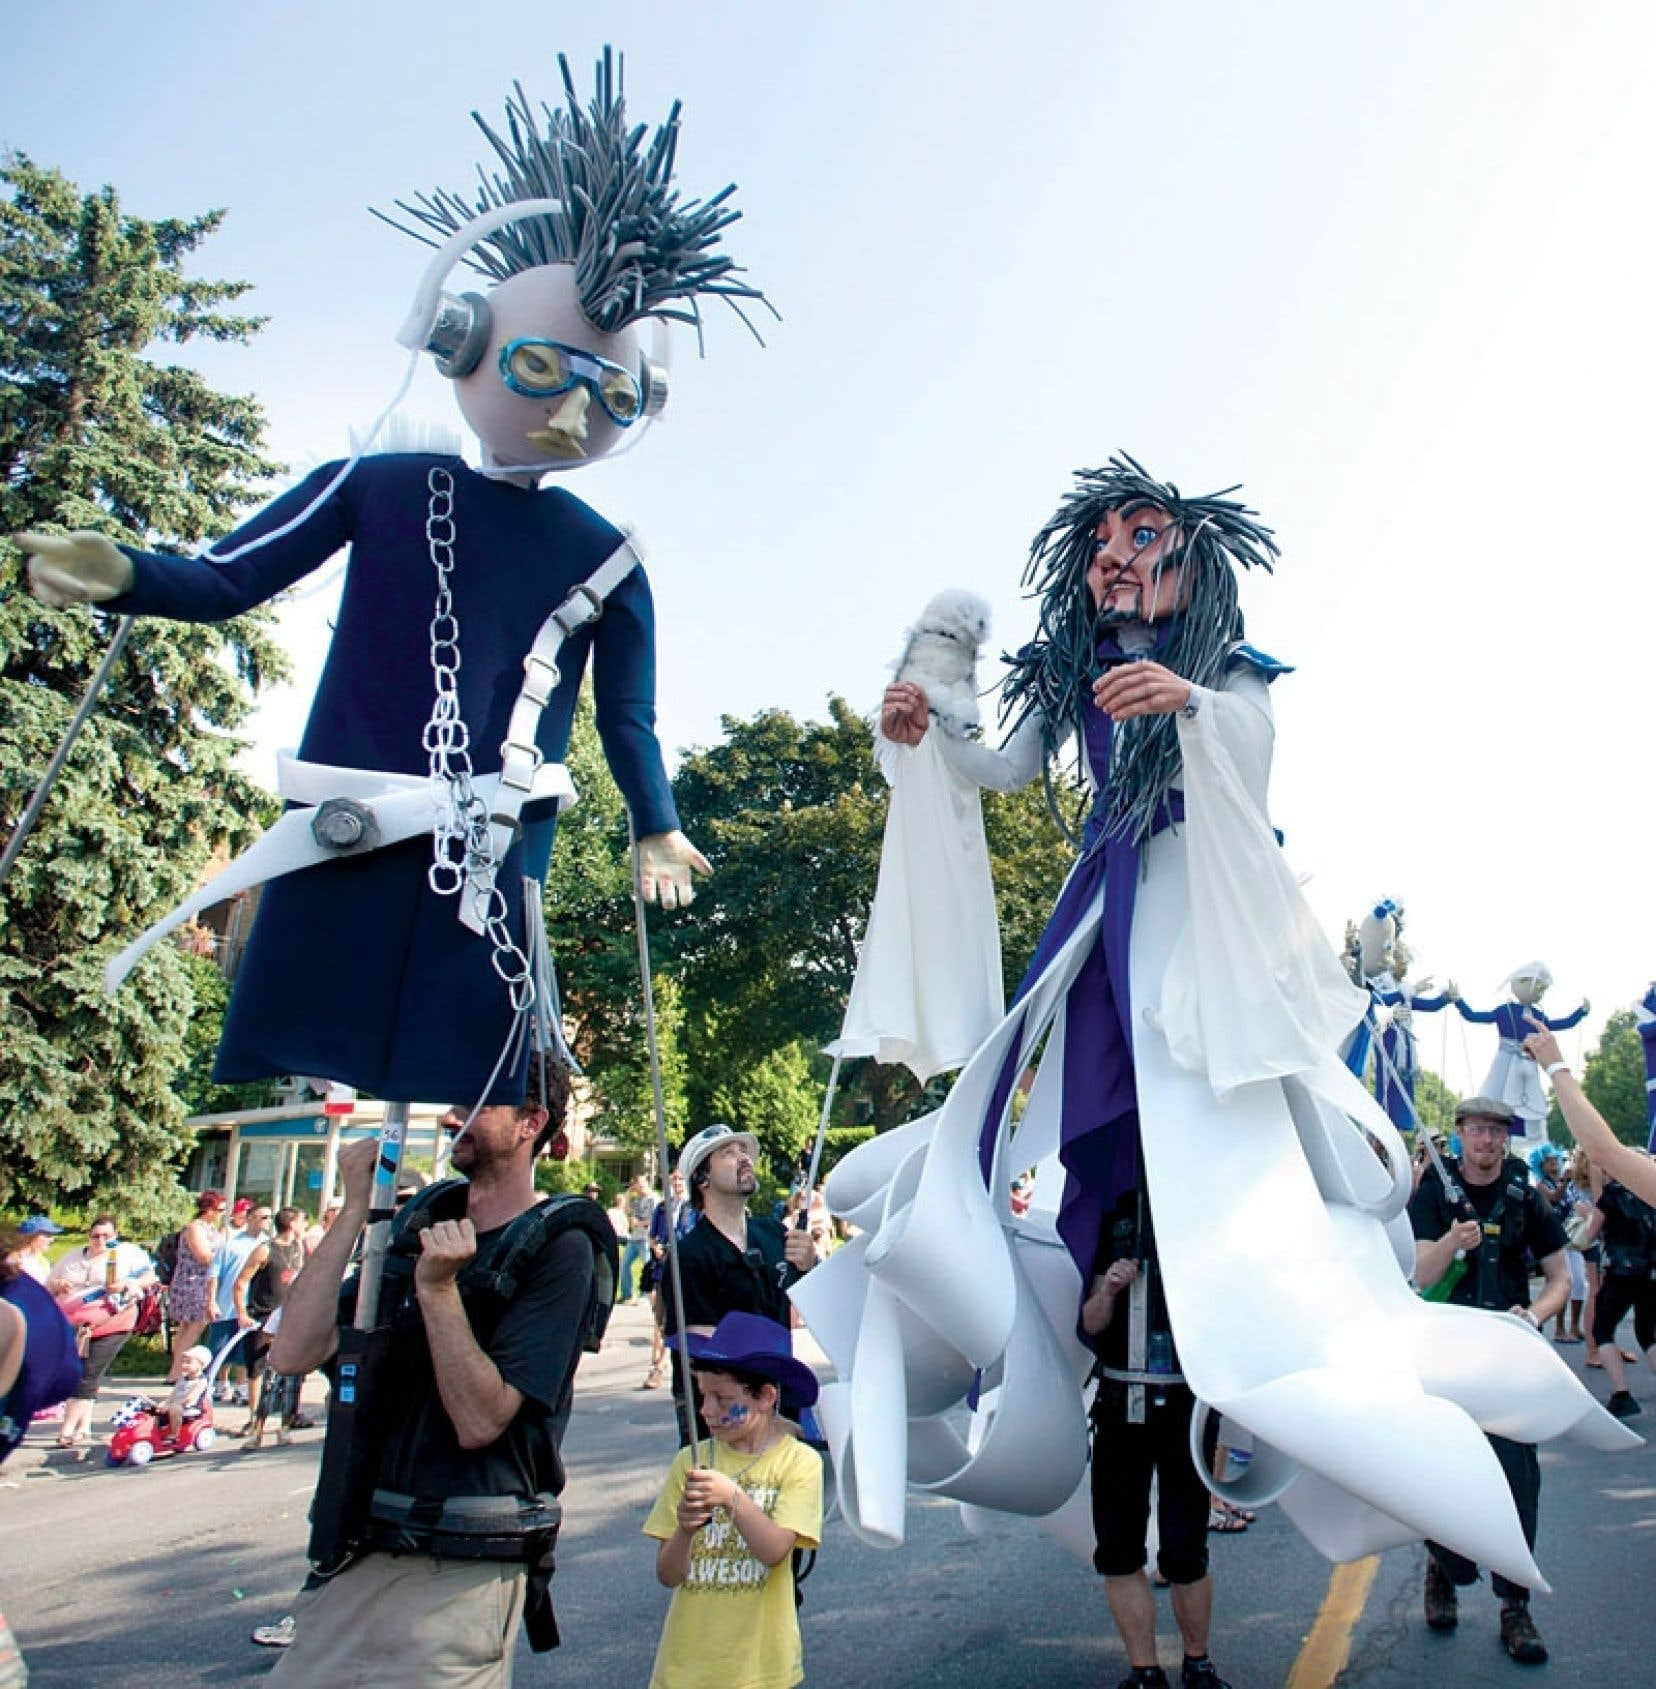 Le défilé de la fête nationale : le ballet des marionnettes géantes serait sans doute intéressant si nous savions ce qu'elles représentent !